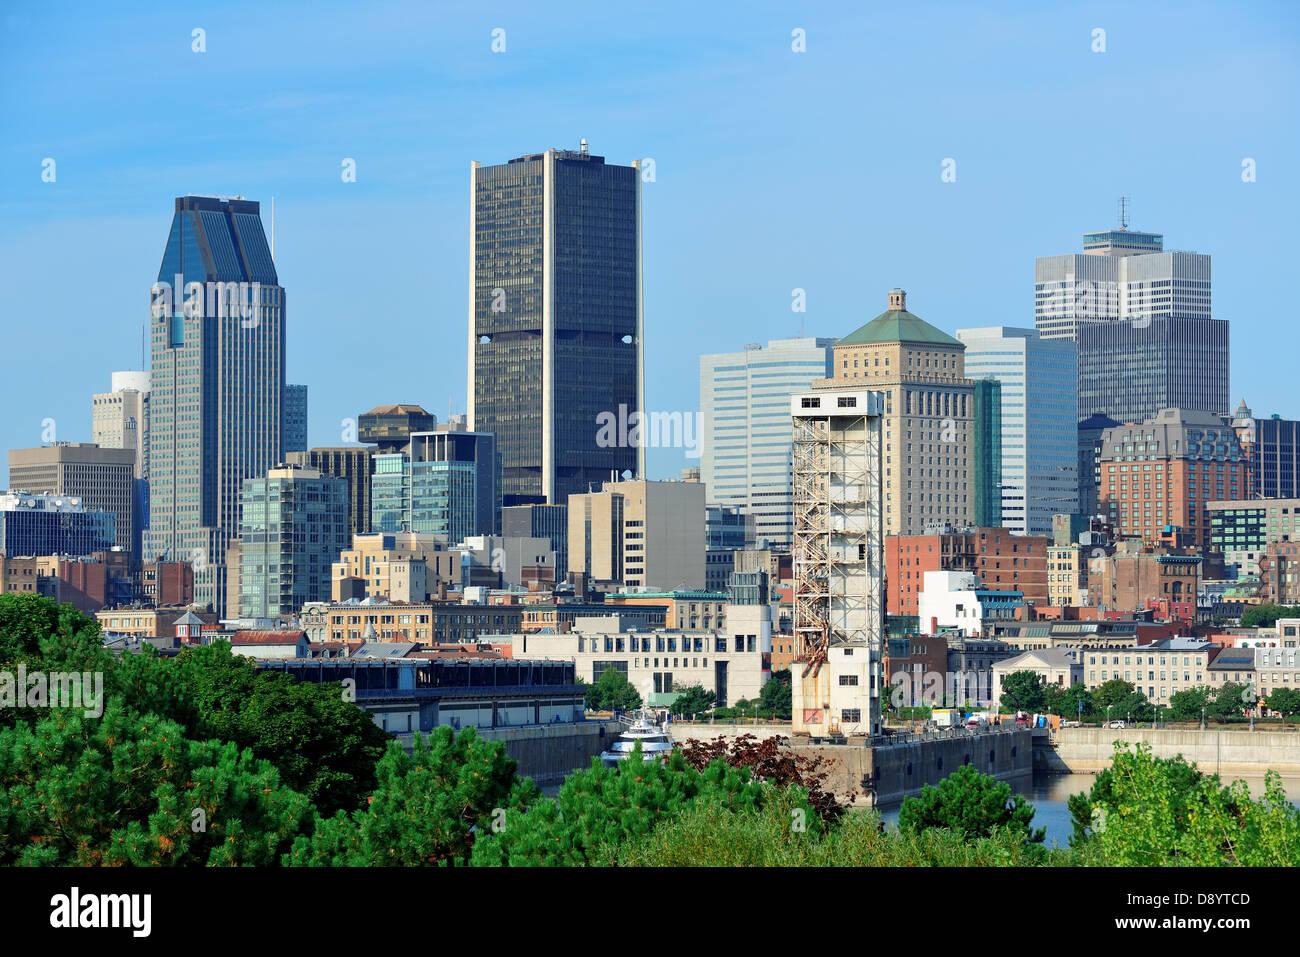 Montreal skyline della città nel giorno con edifici urbani Immagini Stock